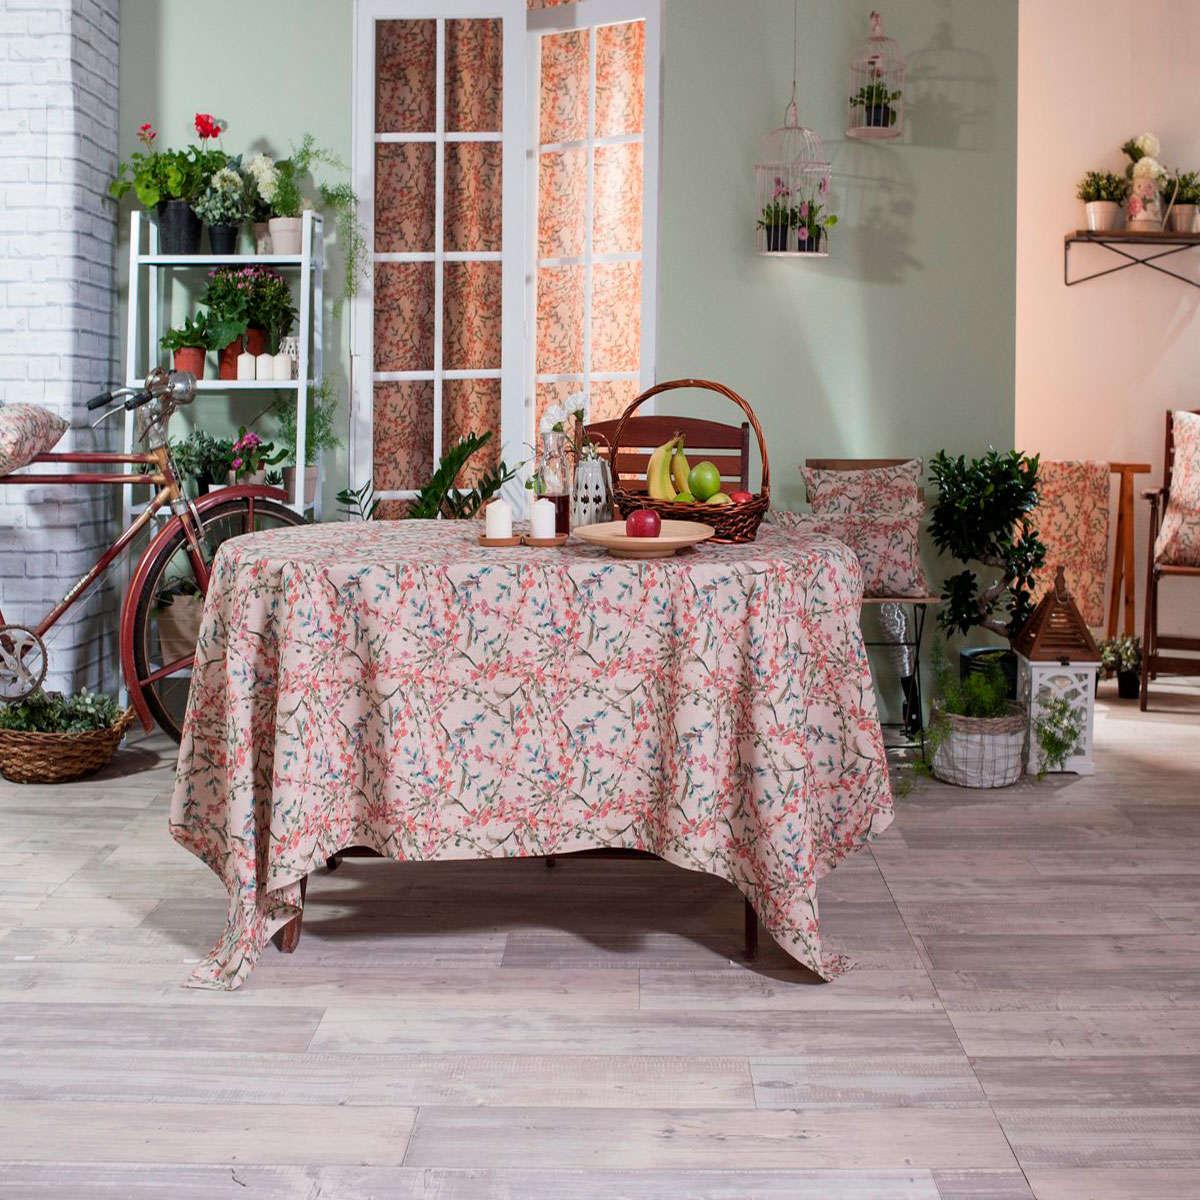 Μαξιλάρι Διακοσμητικό (Με Γέμιση) Δαπέδου Rimini Teoran 60X60 Βαμβάκι-Polyester